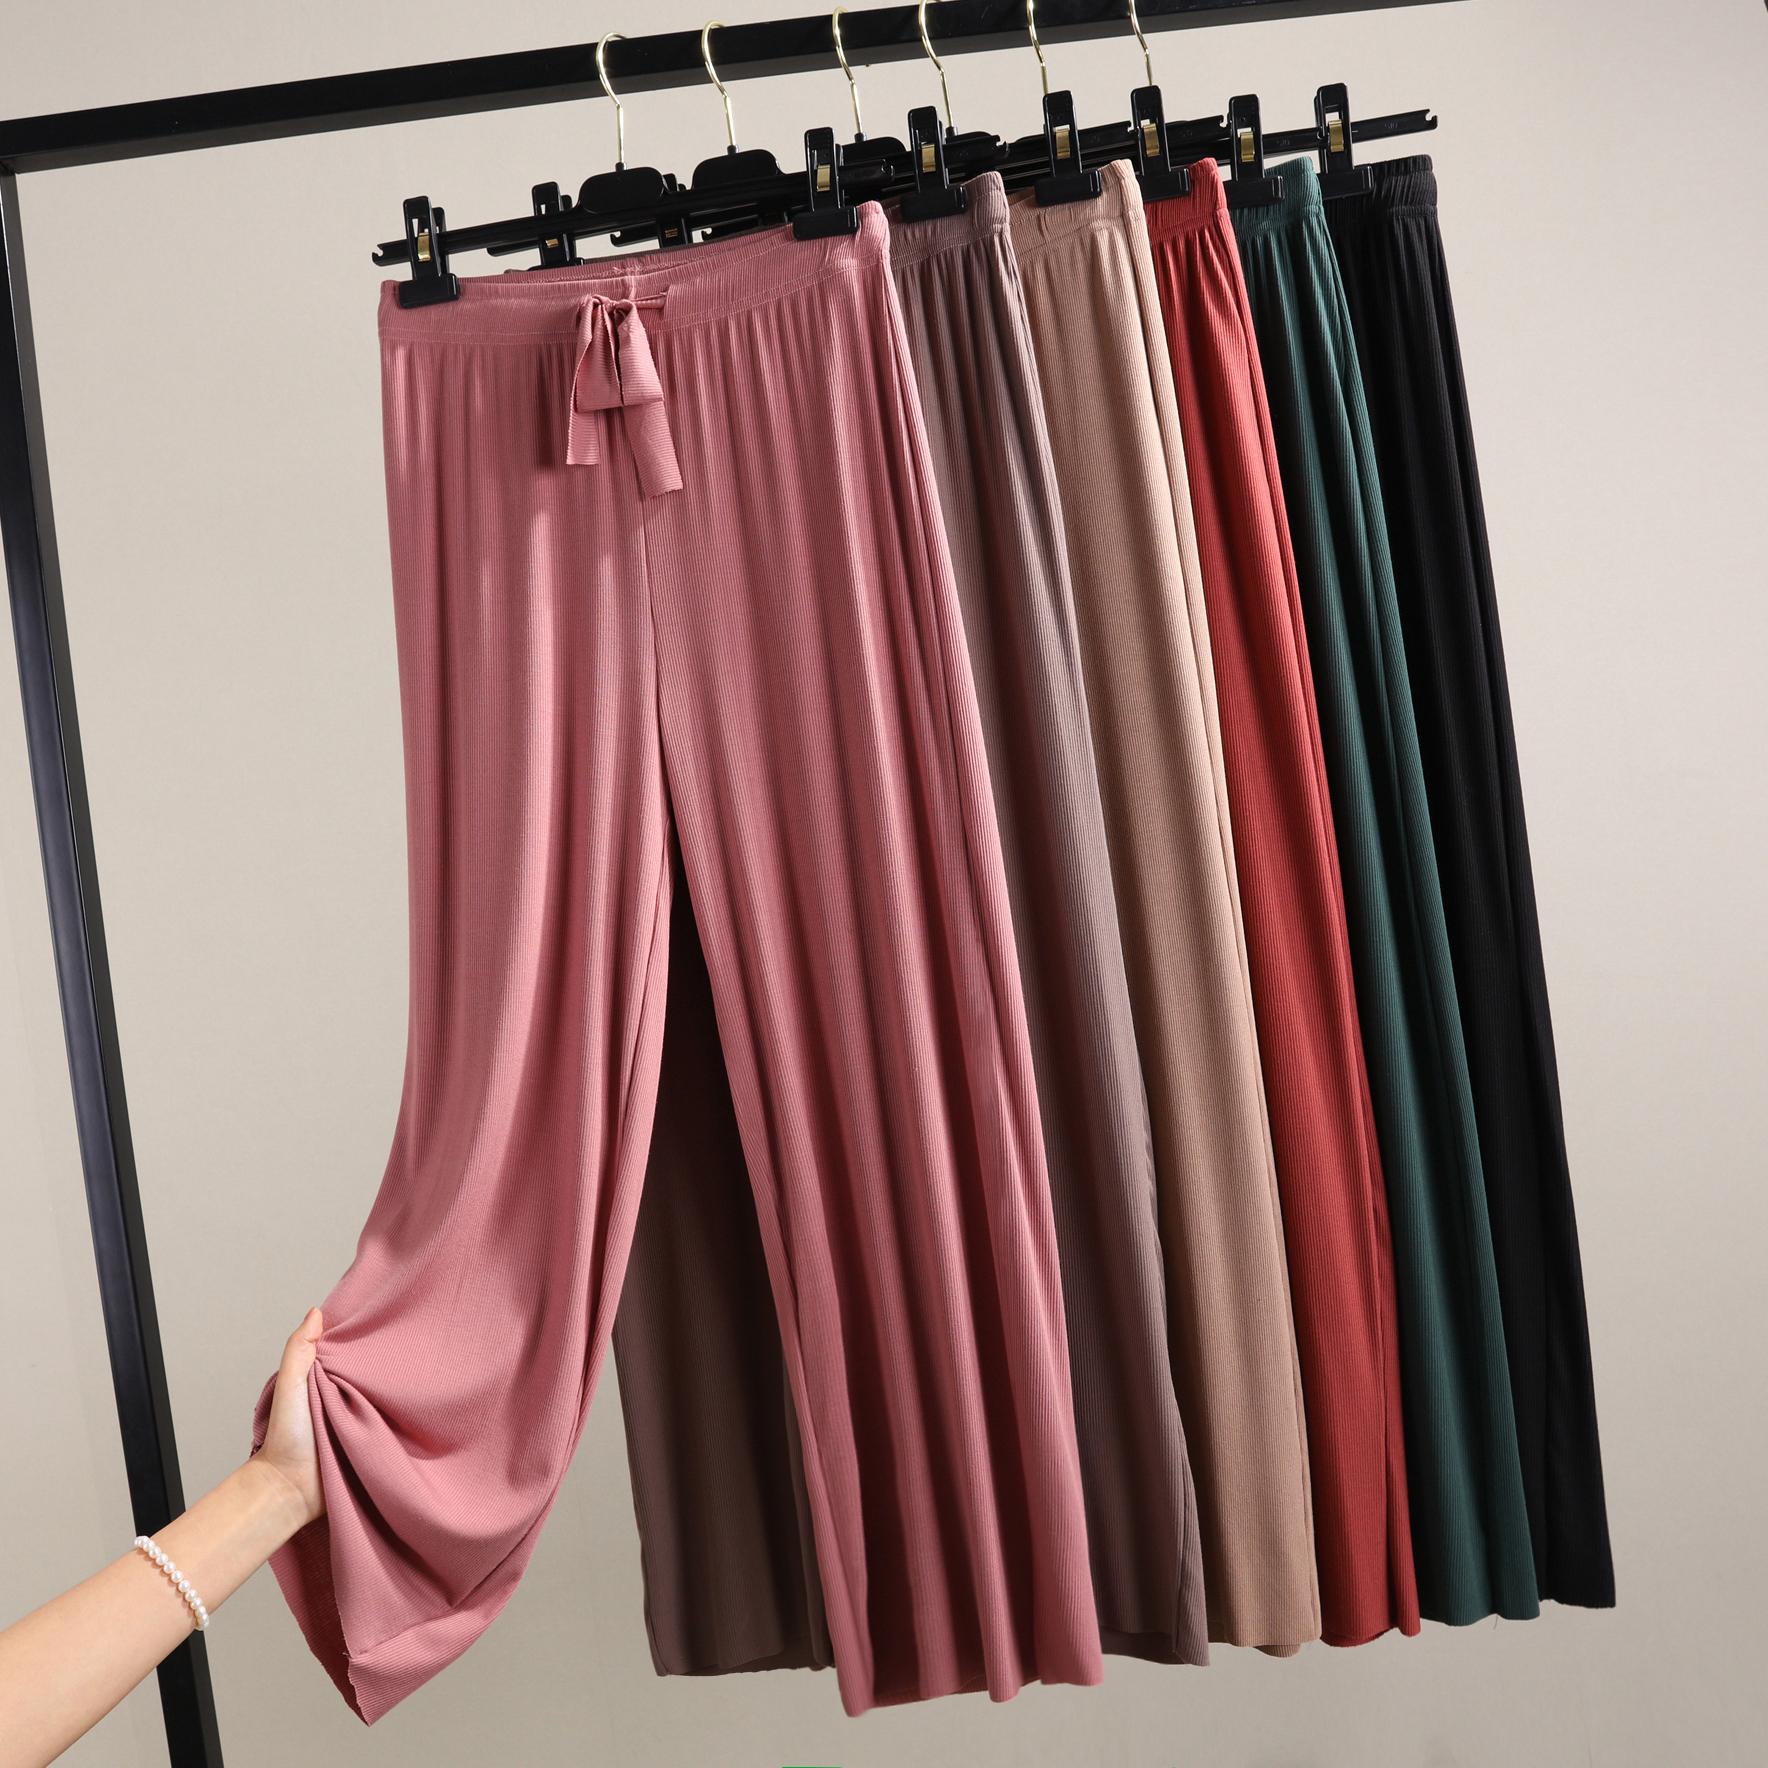 Mùa hè 2020 phong cách mới kiểu quần ống rộng chân nữ phiên bản Hàn Quốc rộng kích thước lớn eo cao phần mỏng quần chín điểm quần âu - Cộng với kích thước quần áo